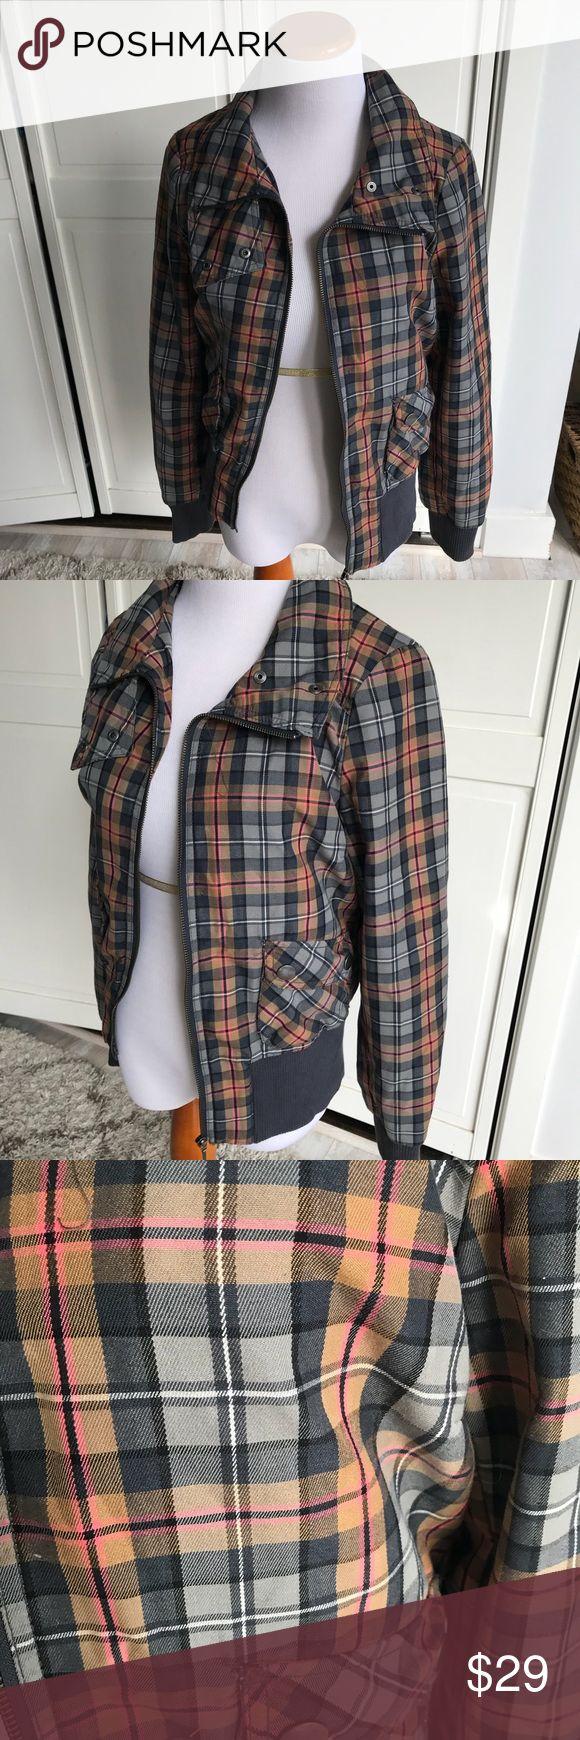 H&M plaid bomber jacket size small Bomber jacket